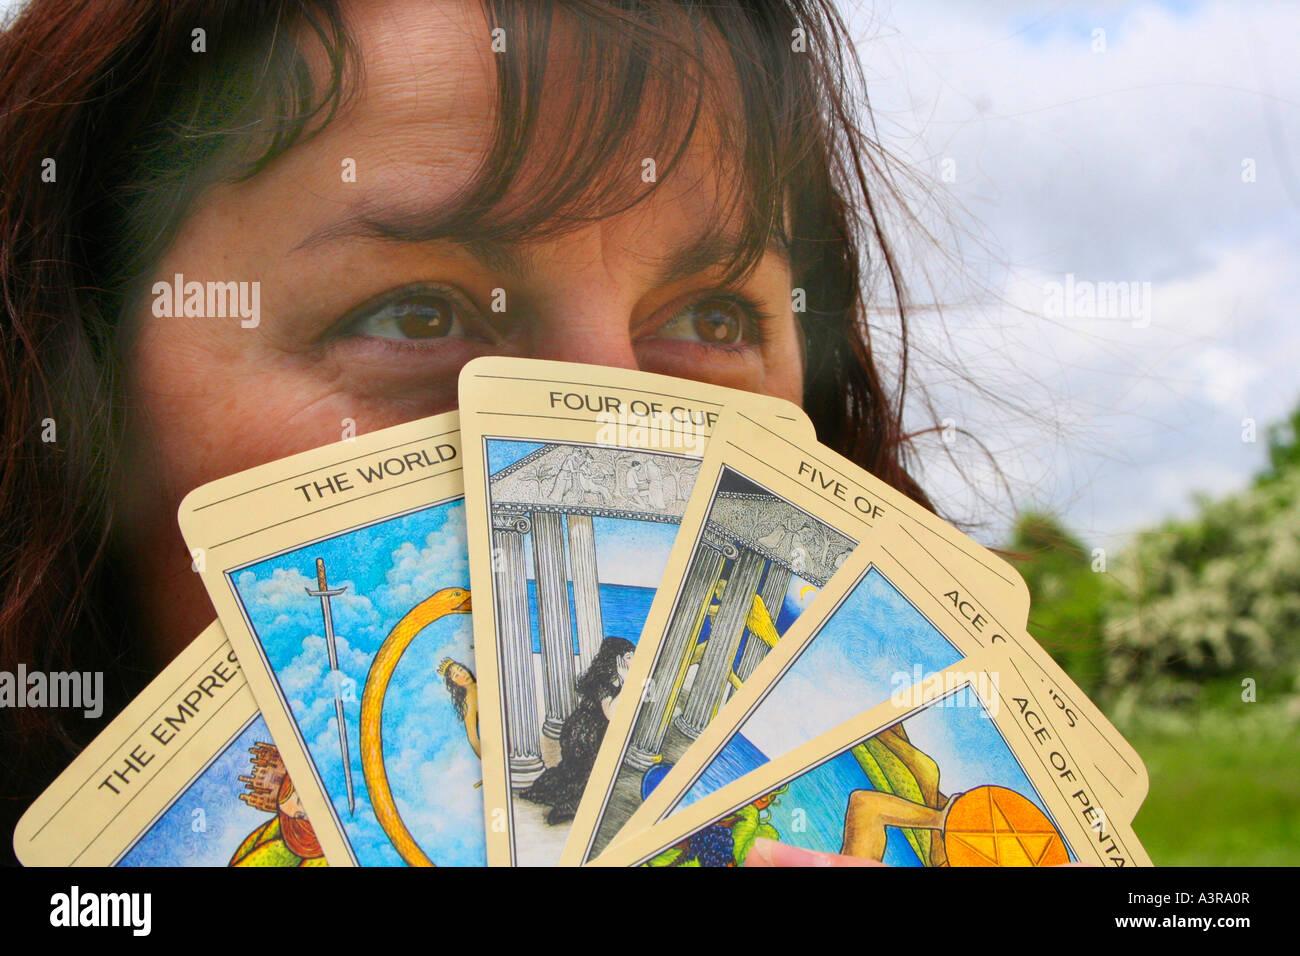 gypsy reading tarot cards - Stock Image